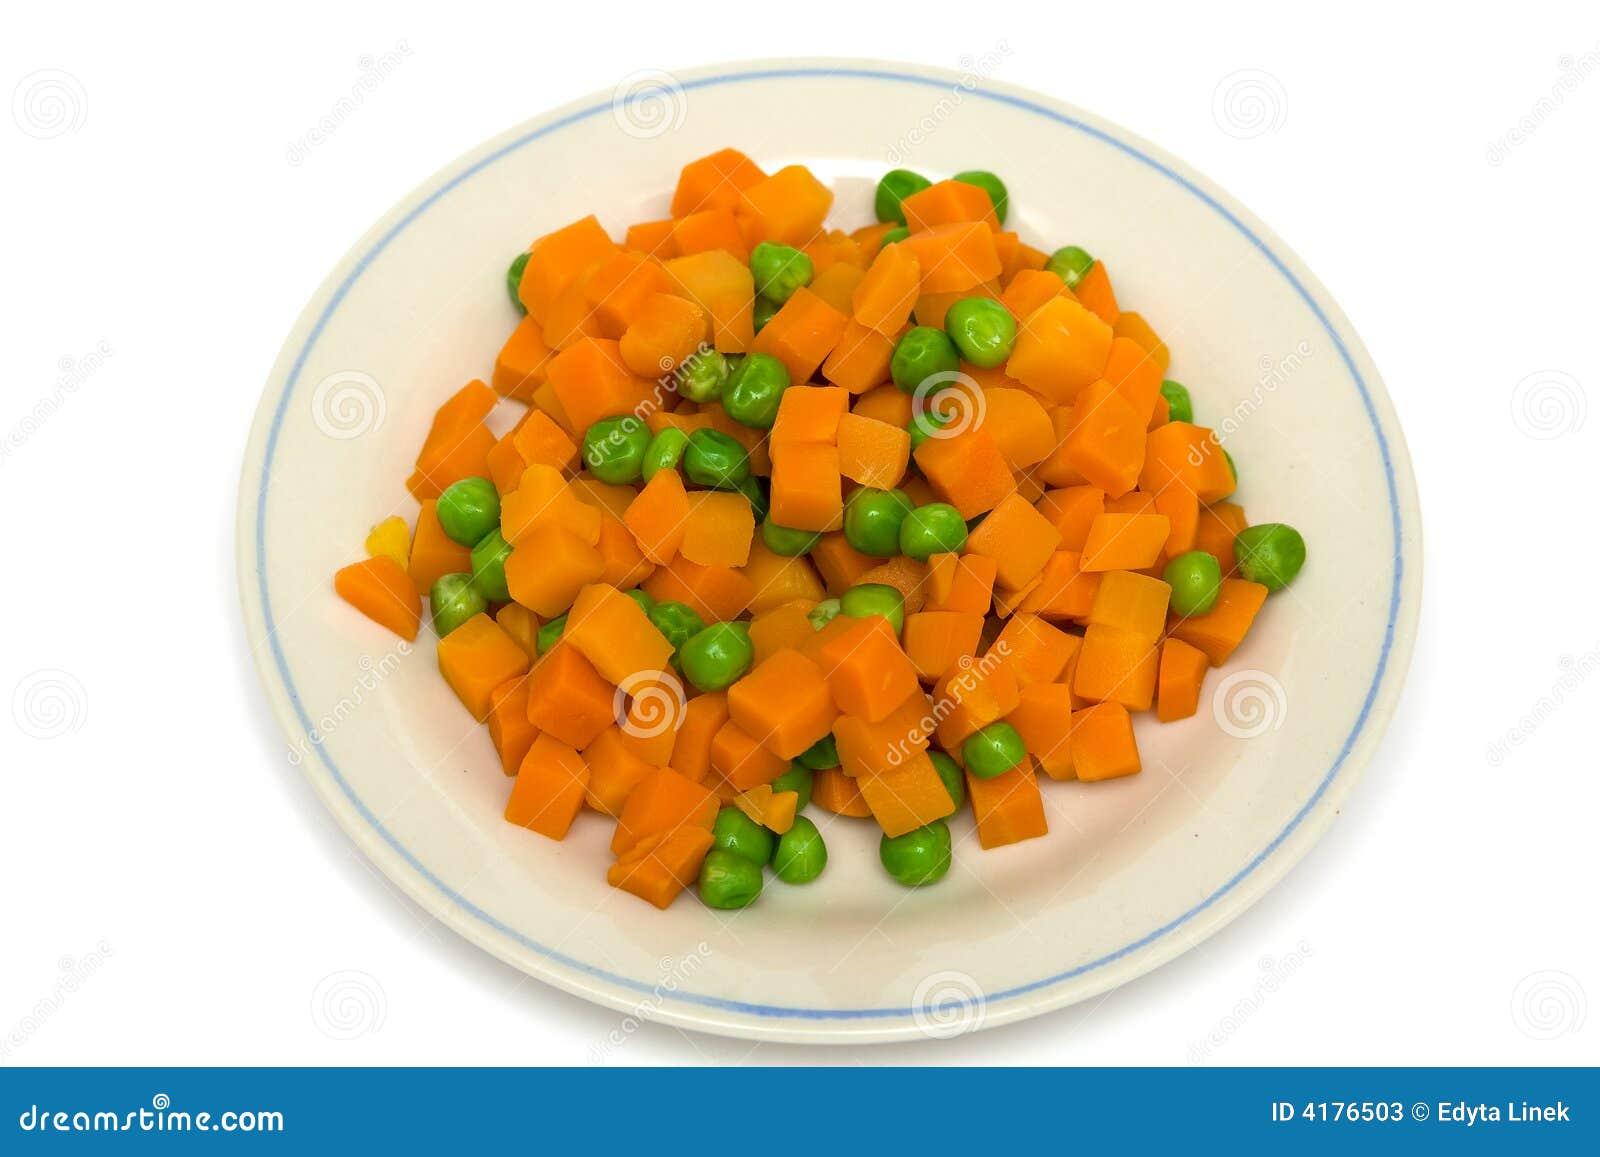 Boil Vegetables For Baby Food